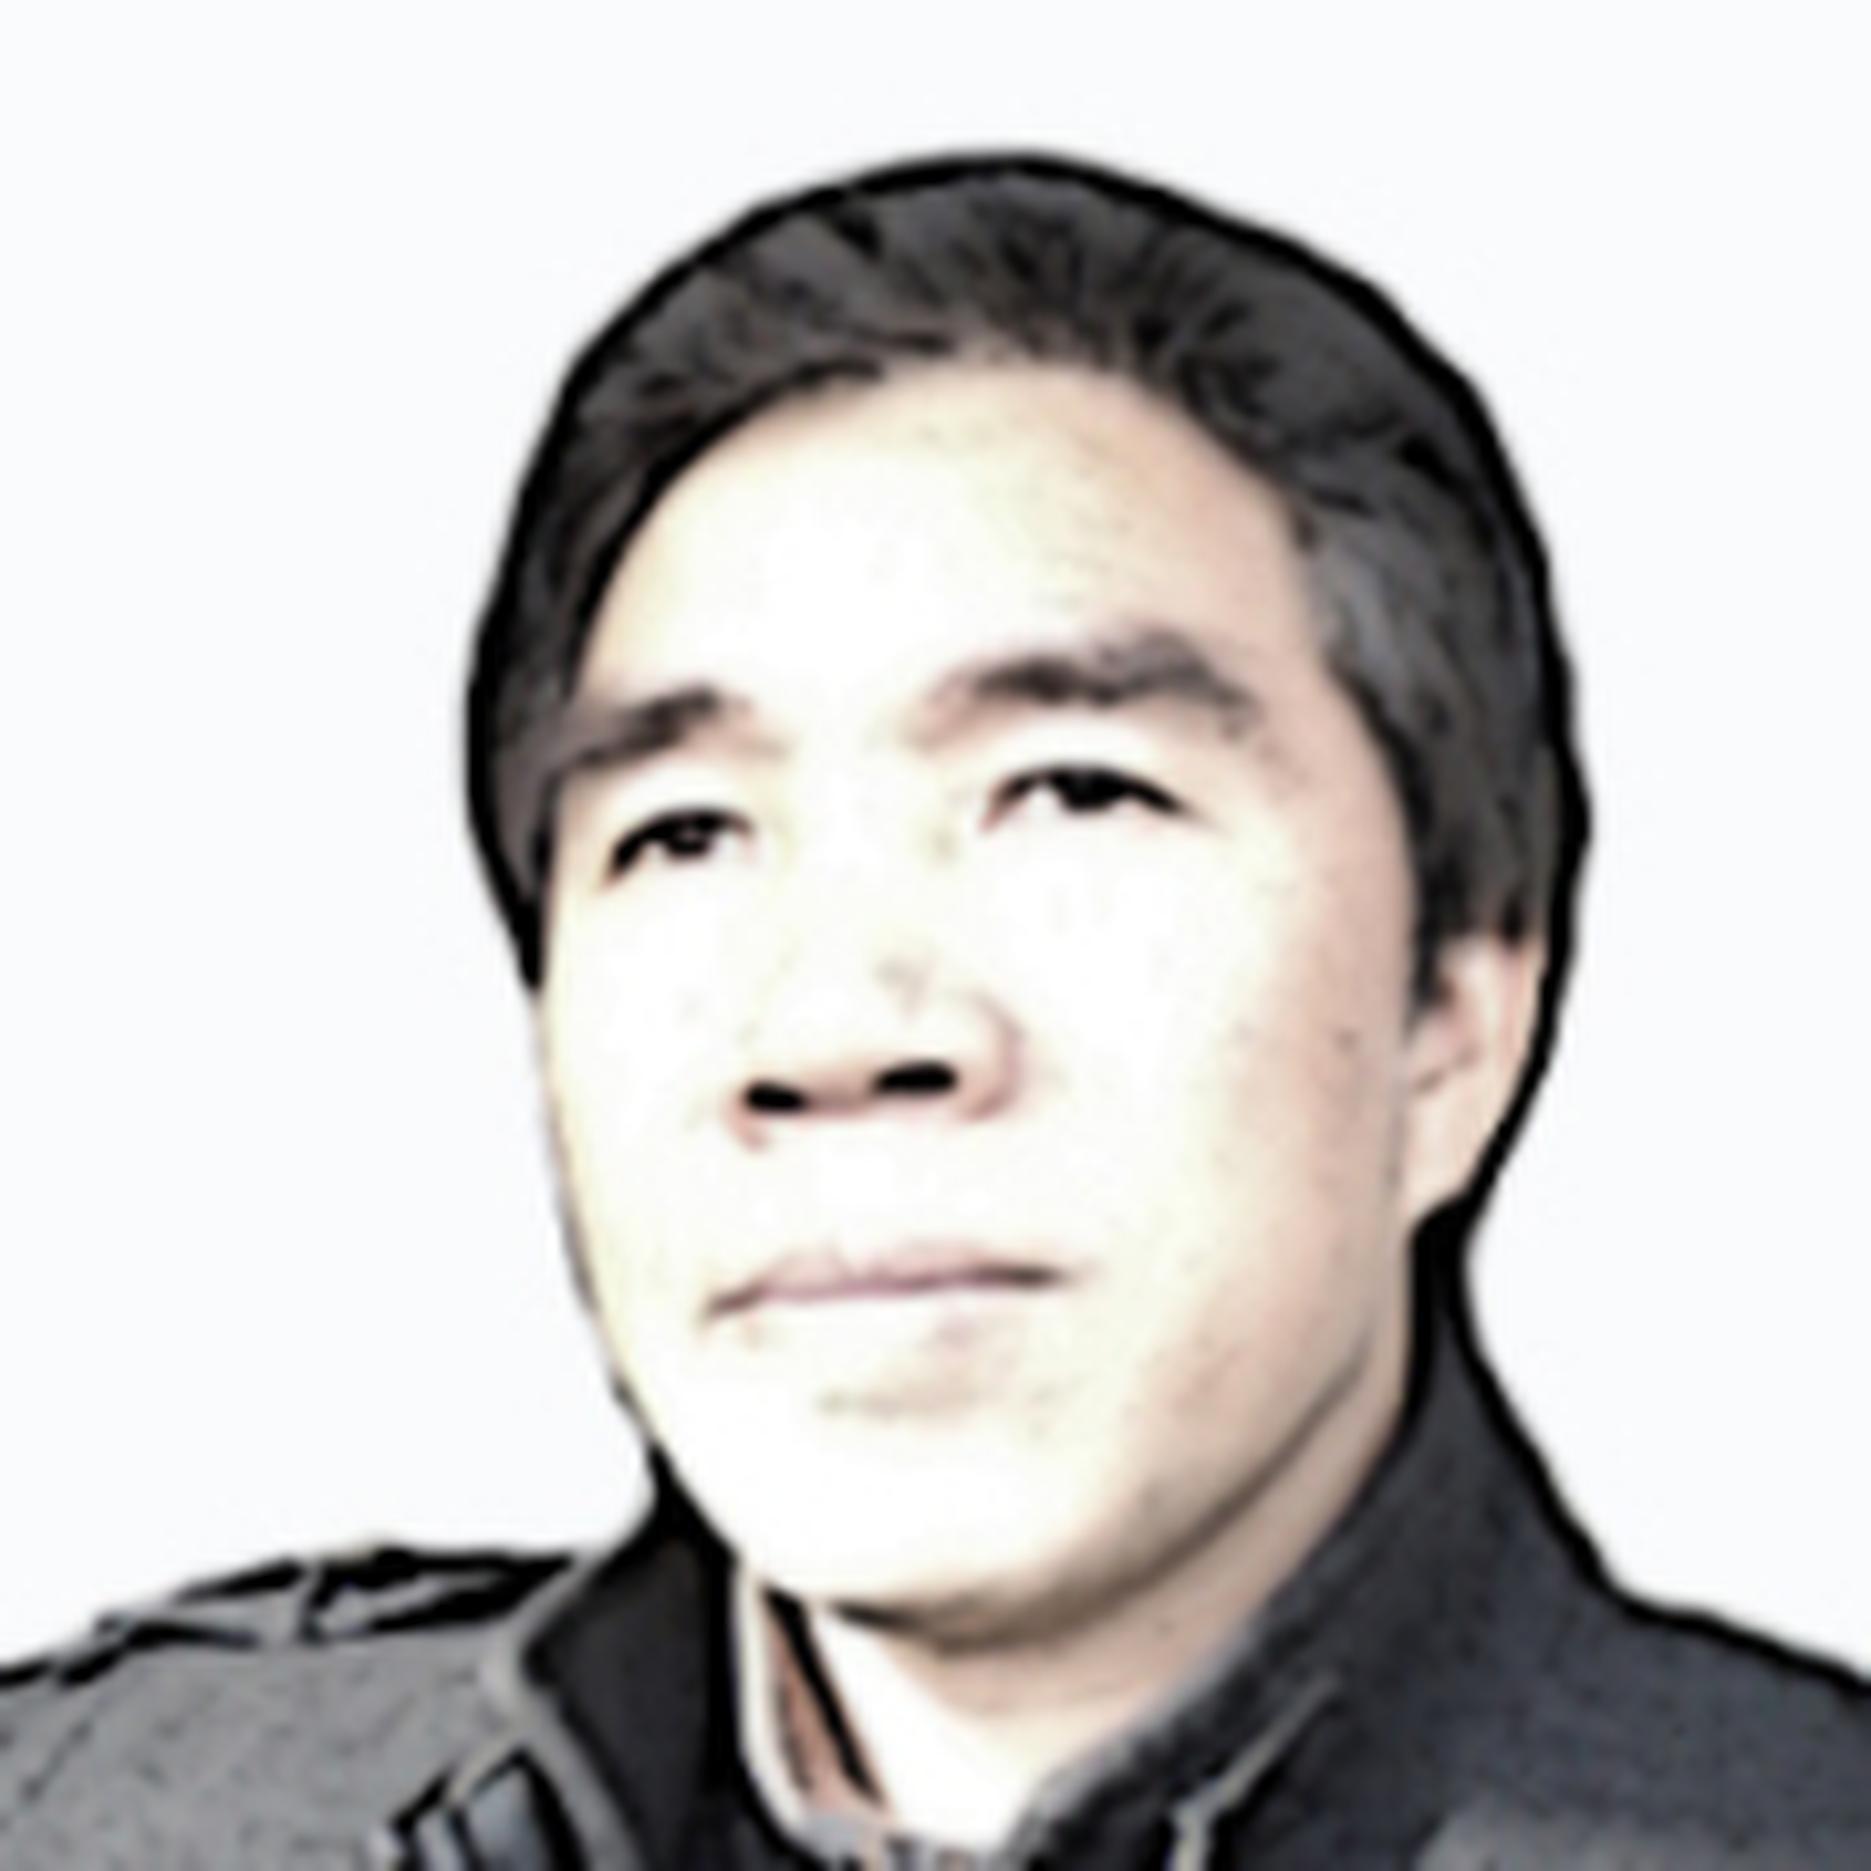 李庚南:从行为监管逻辑看现金贷监管